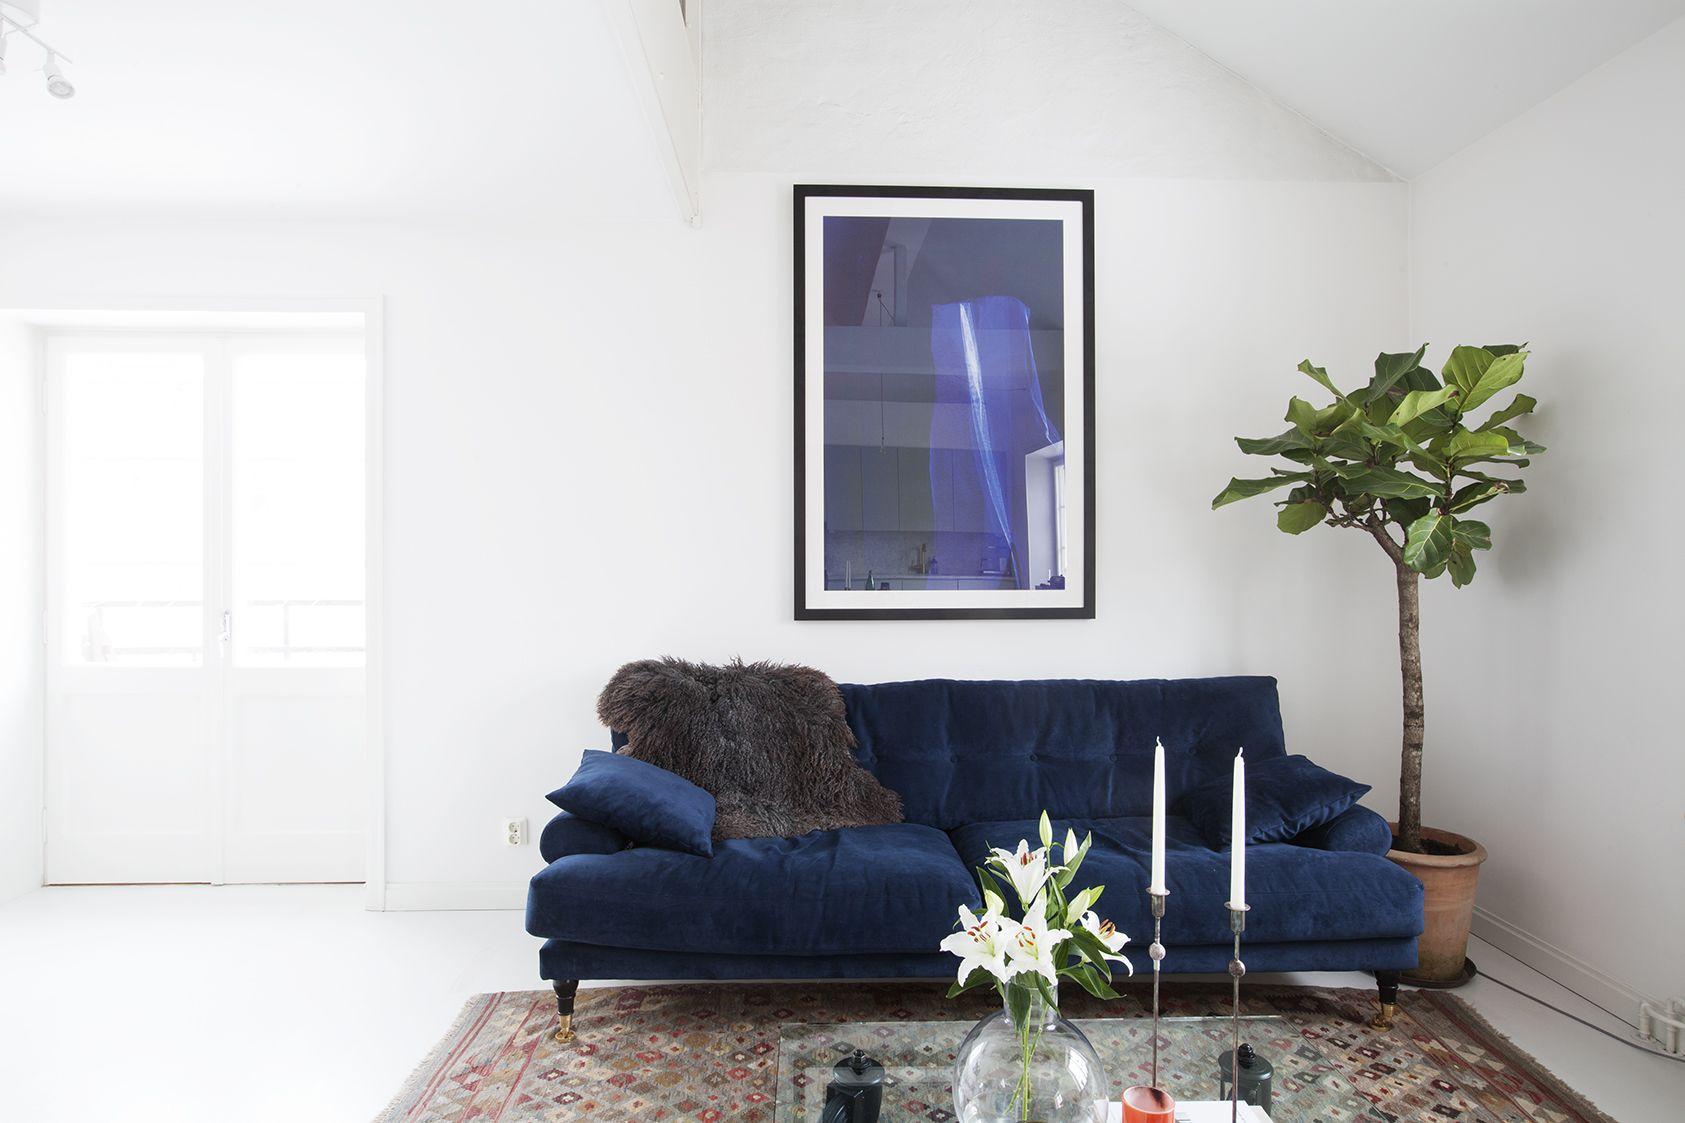 Blue velvet sofa | Blue Interiors/Decor | Pinterest | Blue velvet ...